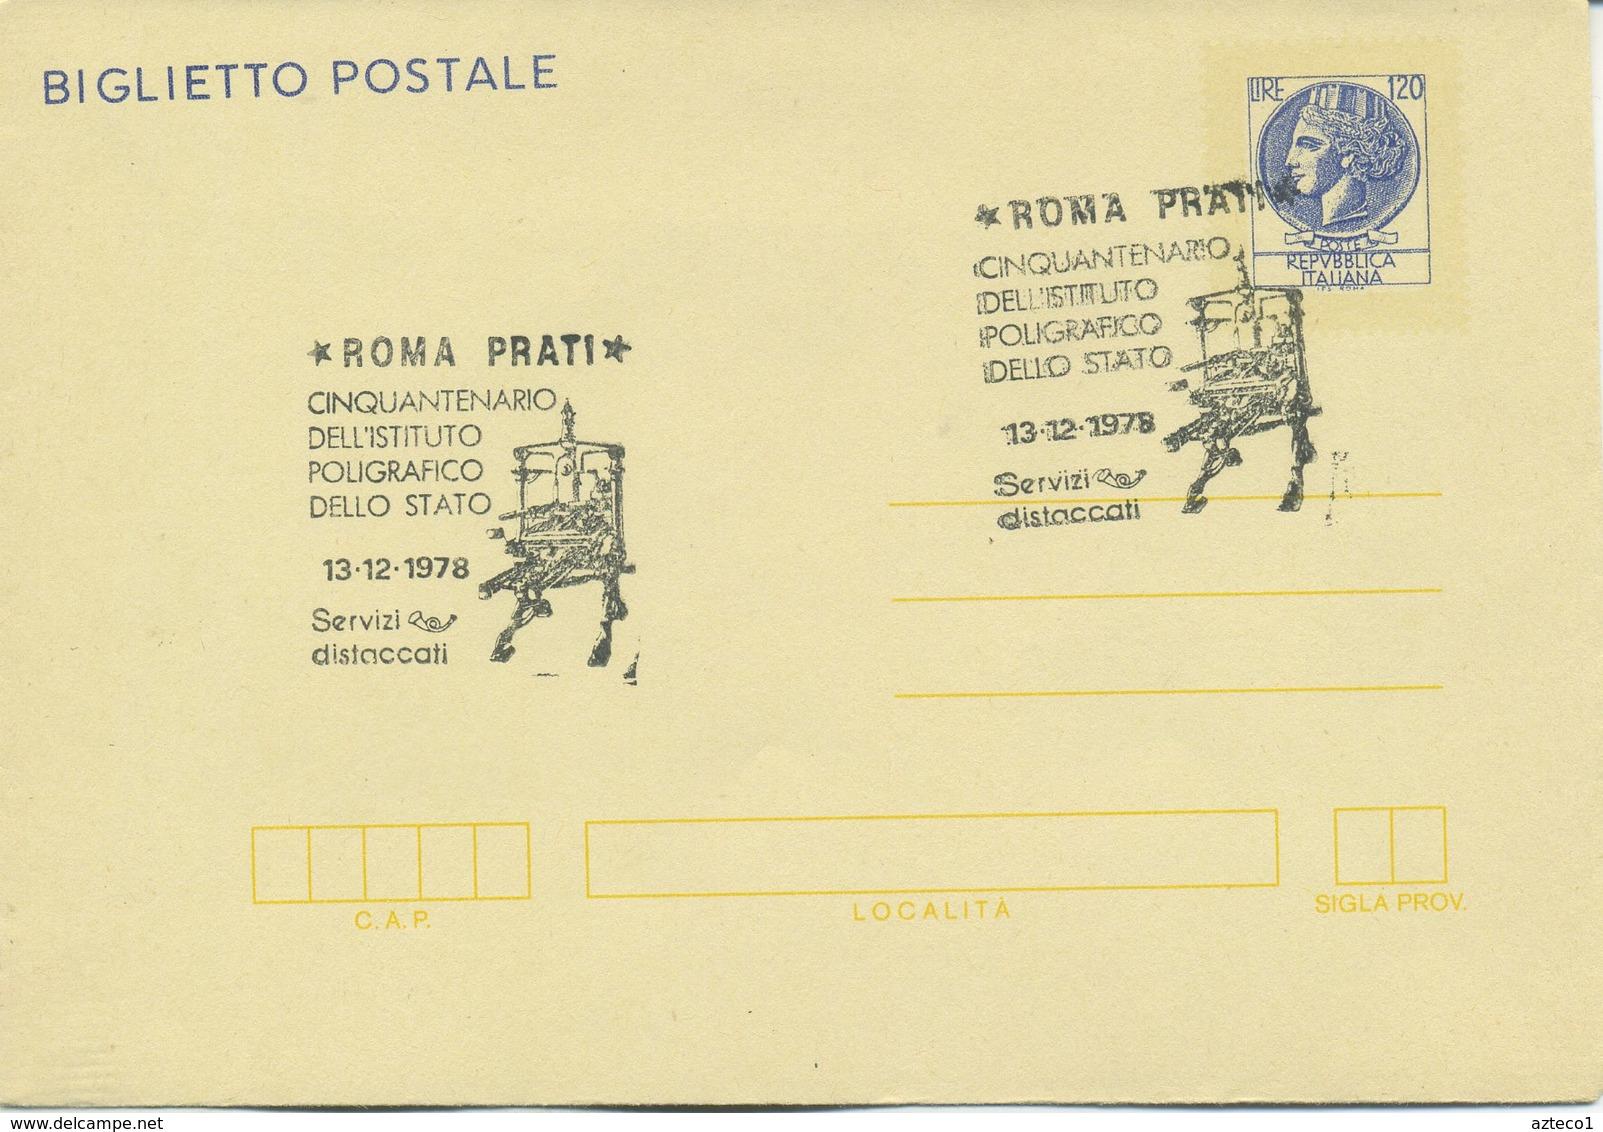 ITALIA - BIGLIETTO  POSTALE 1978 - SIRACUSANA - ANNULLO POLIGRAFICO - 6. 1946-.. Repubblica